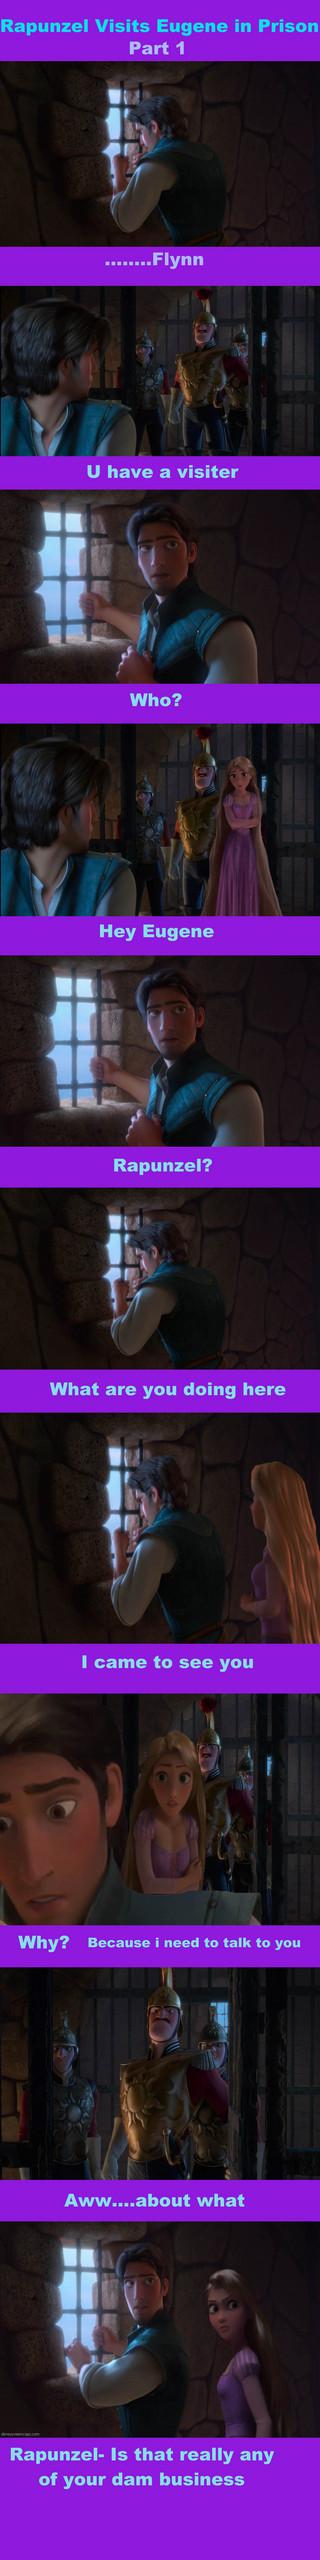 Rapunzel visits Eugene Part 1